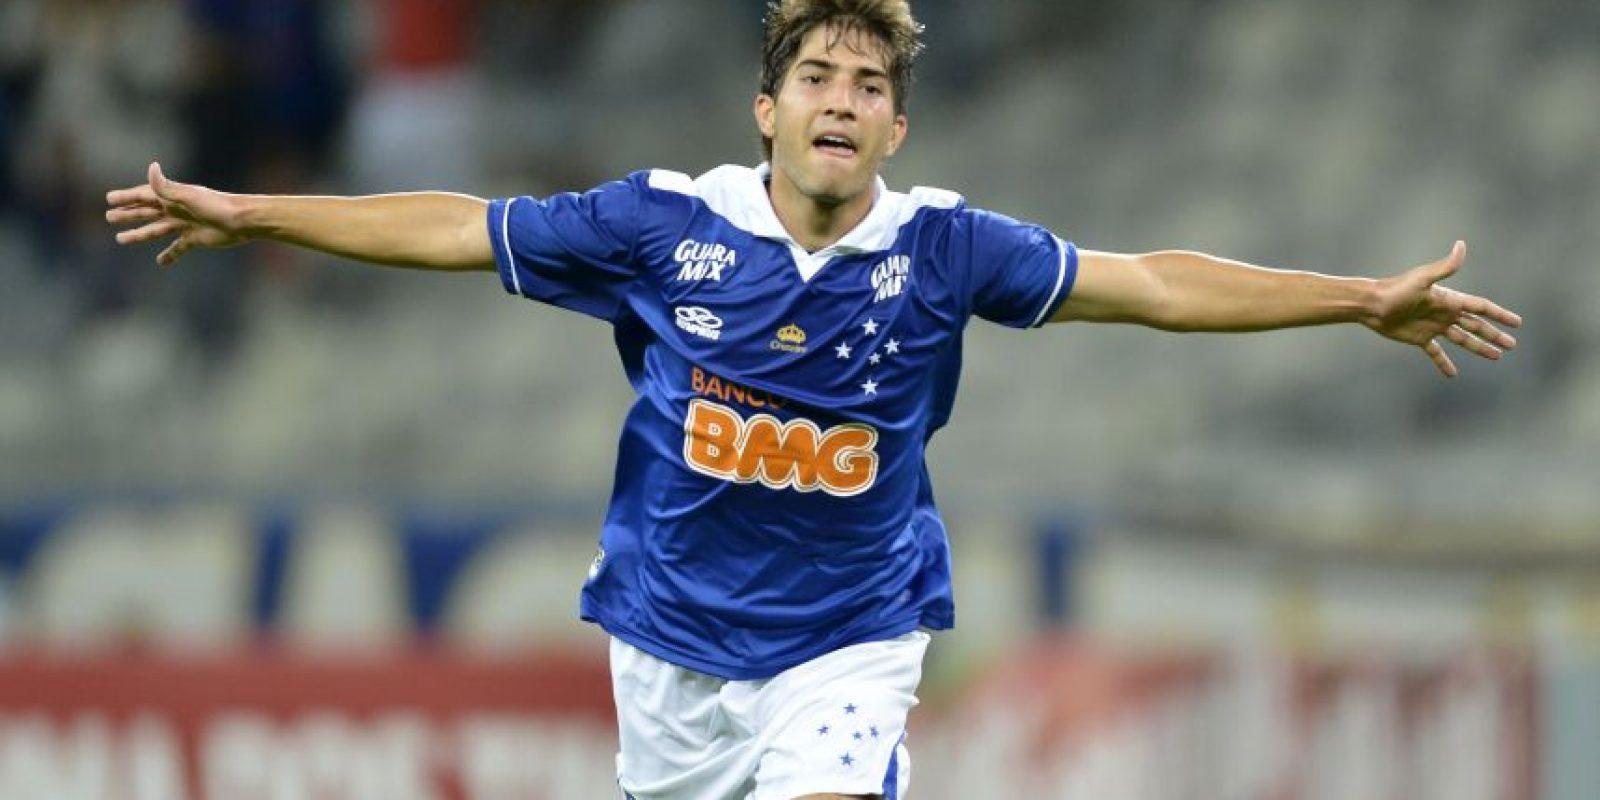 Silva juega con el Cruzeiro, de Brasil. Foto:realidadblanca.com